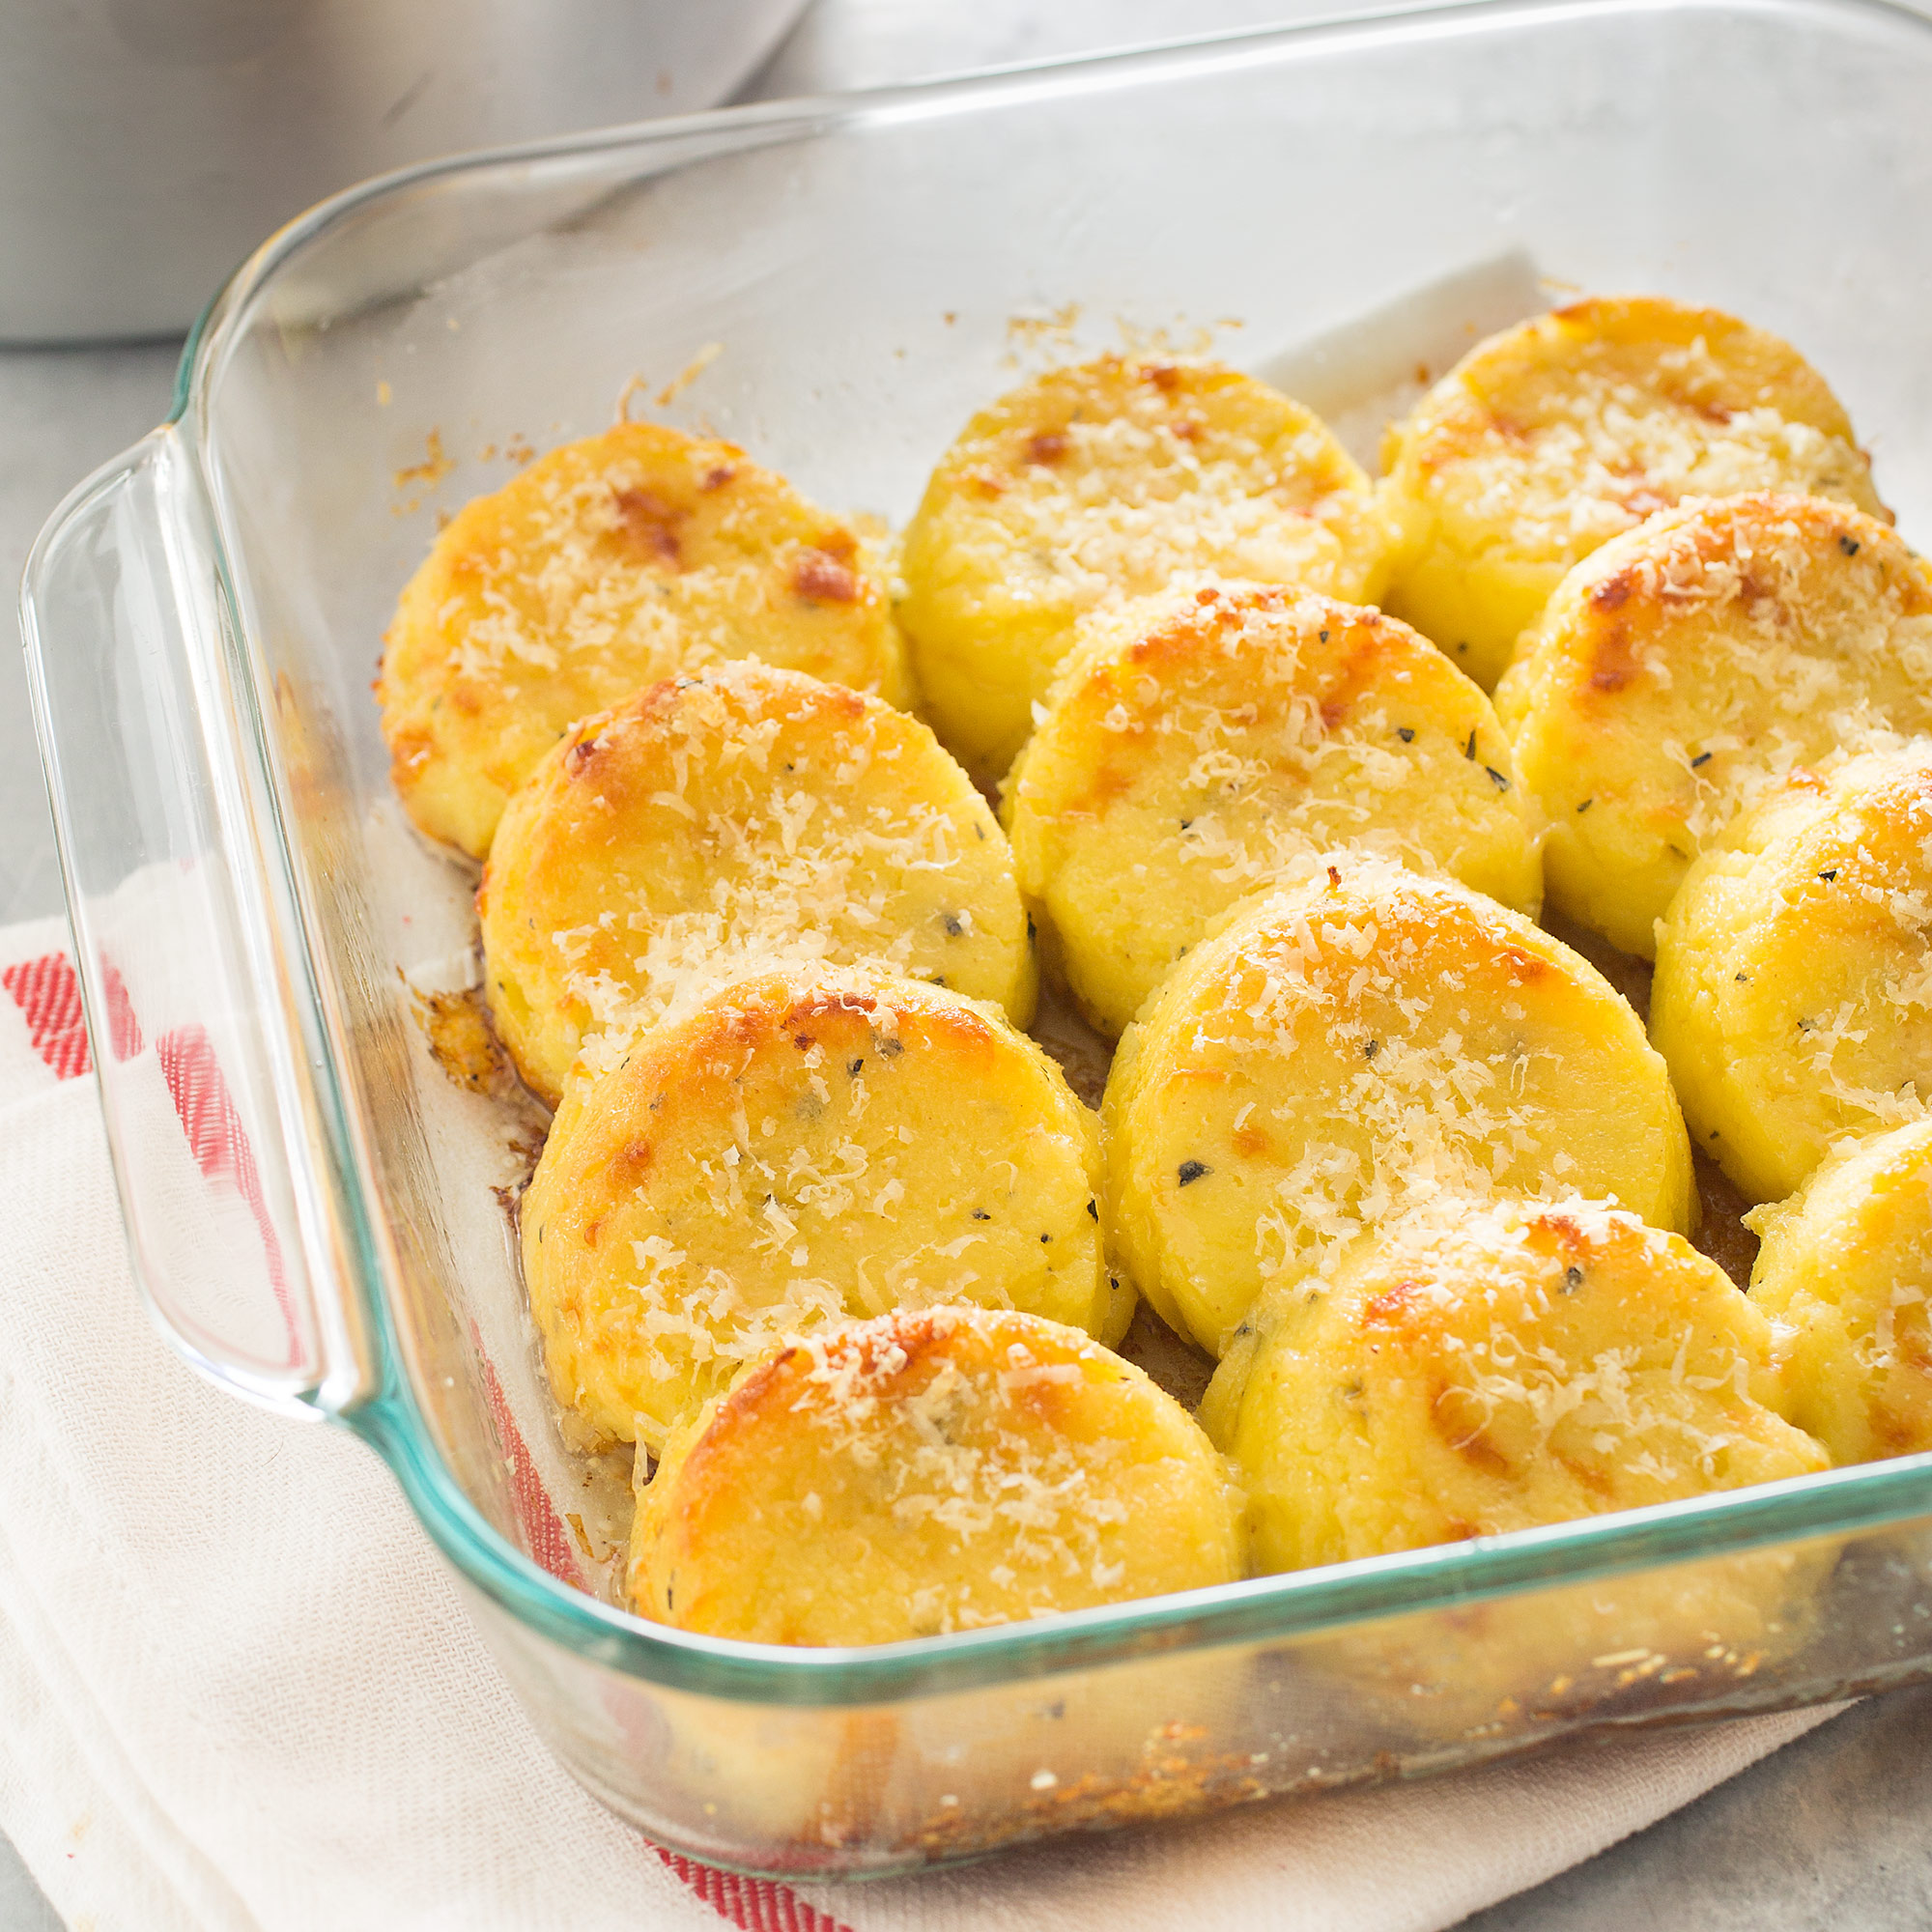 Recipes Course Side Dish Grains Semolina Gnocchi (Gnocchi alla Romana)